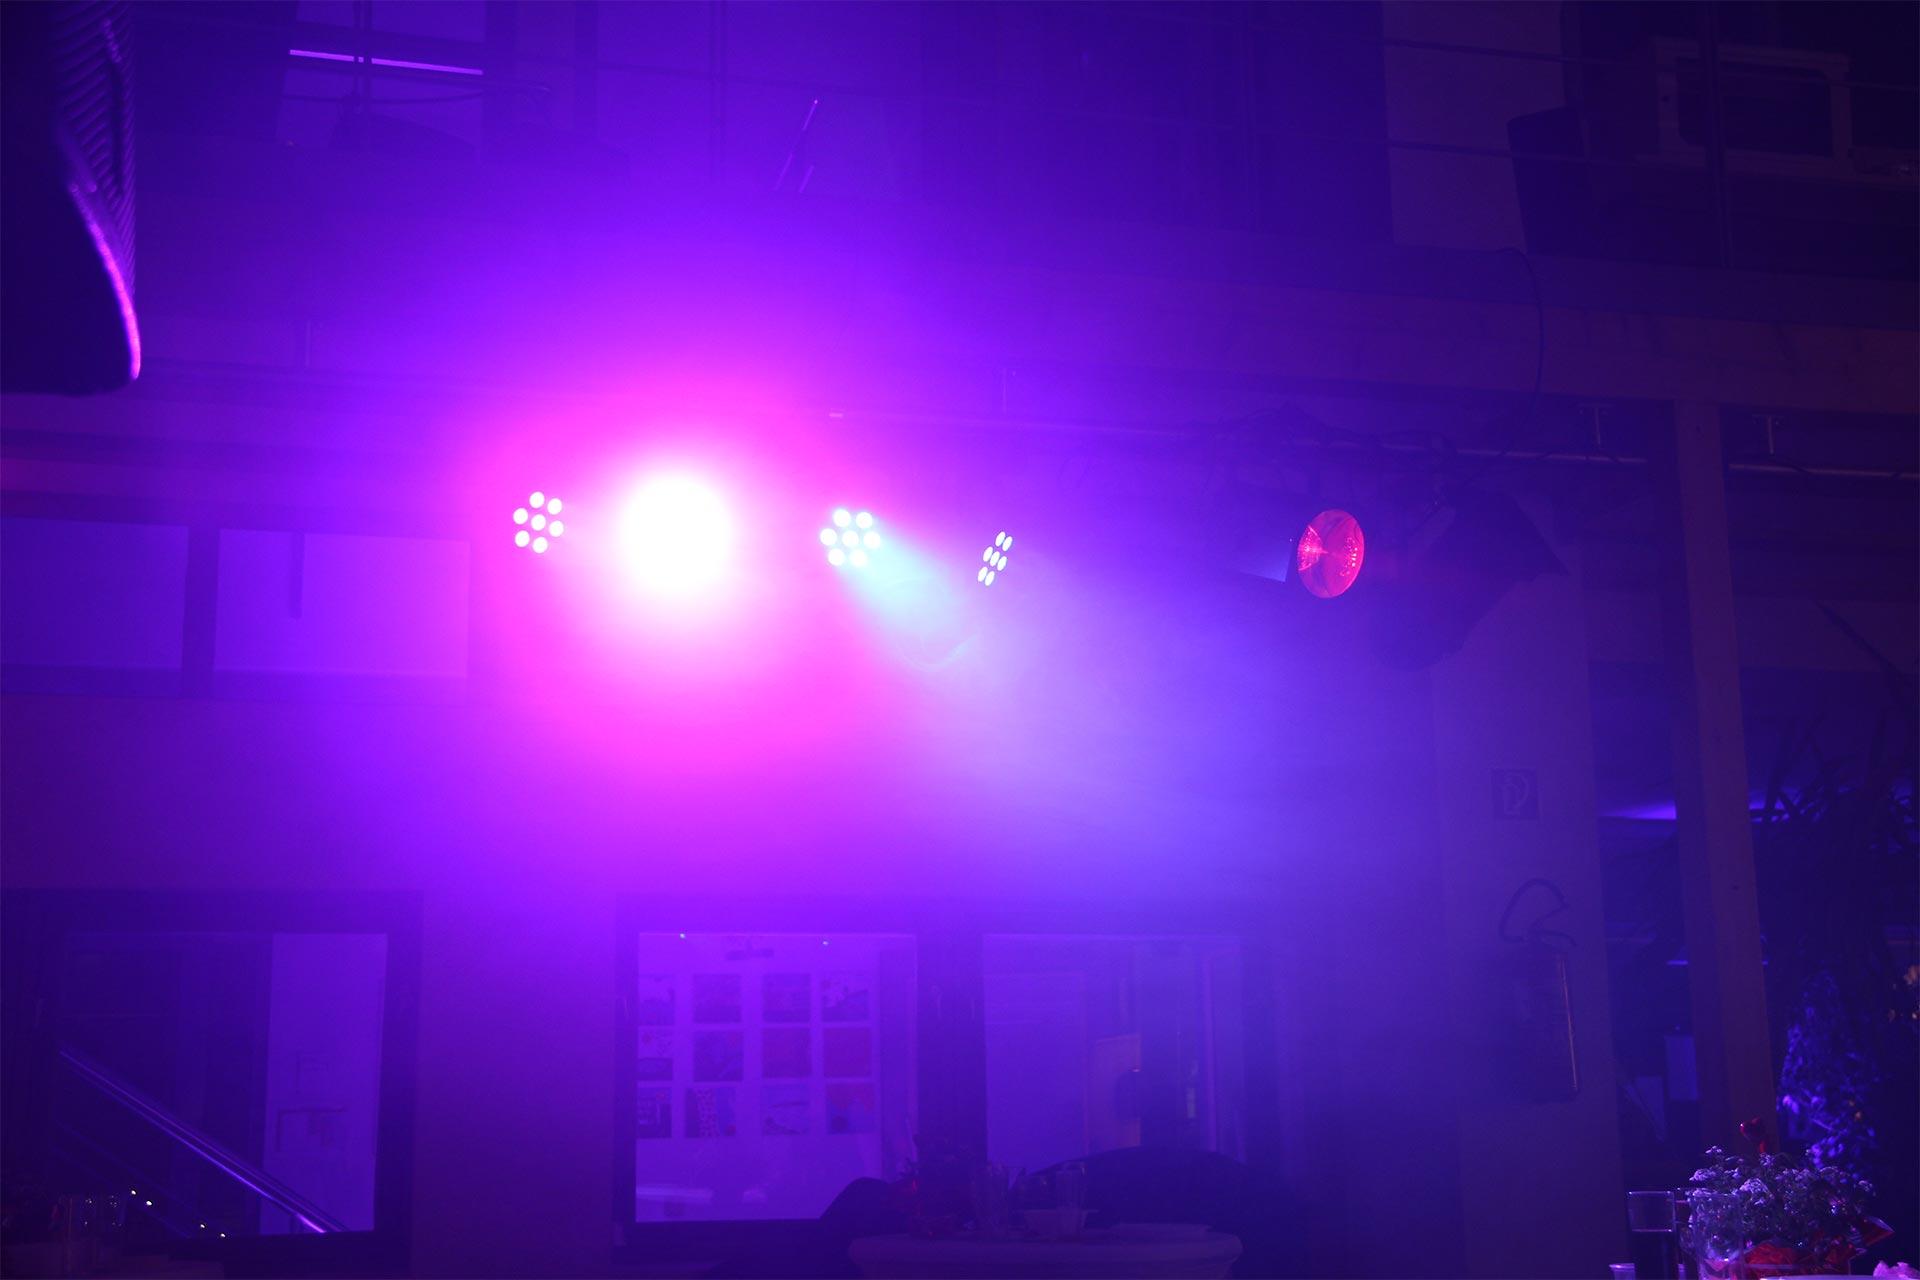 LED-Lichtbahr 3